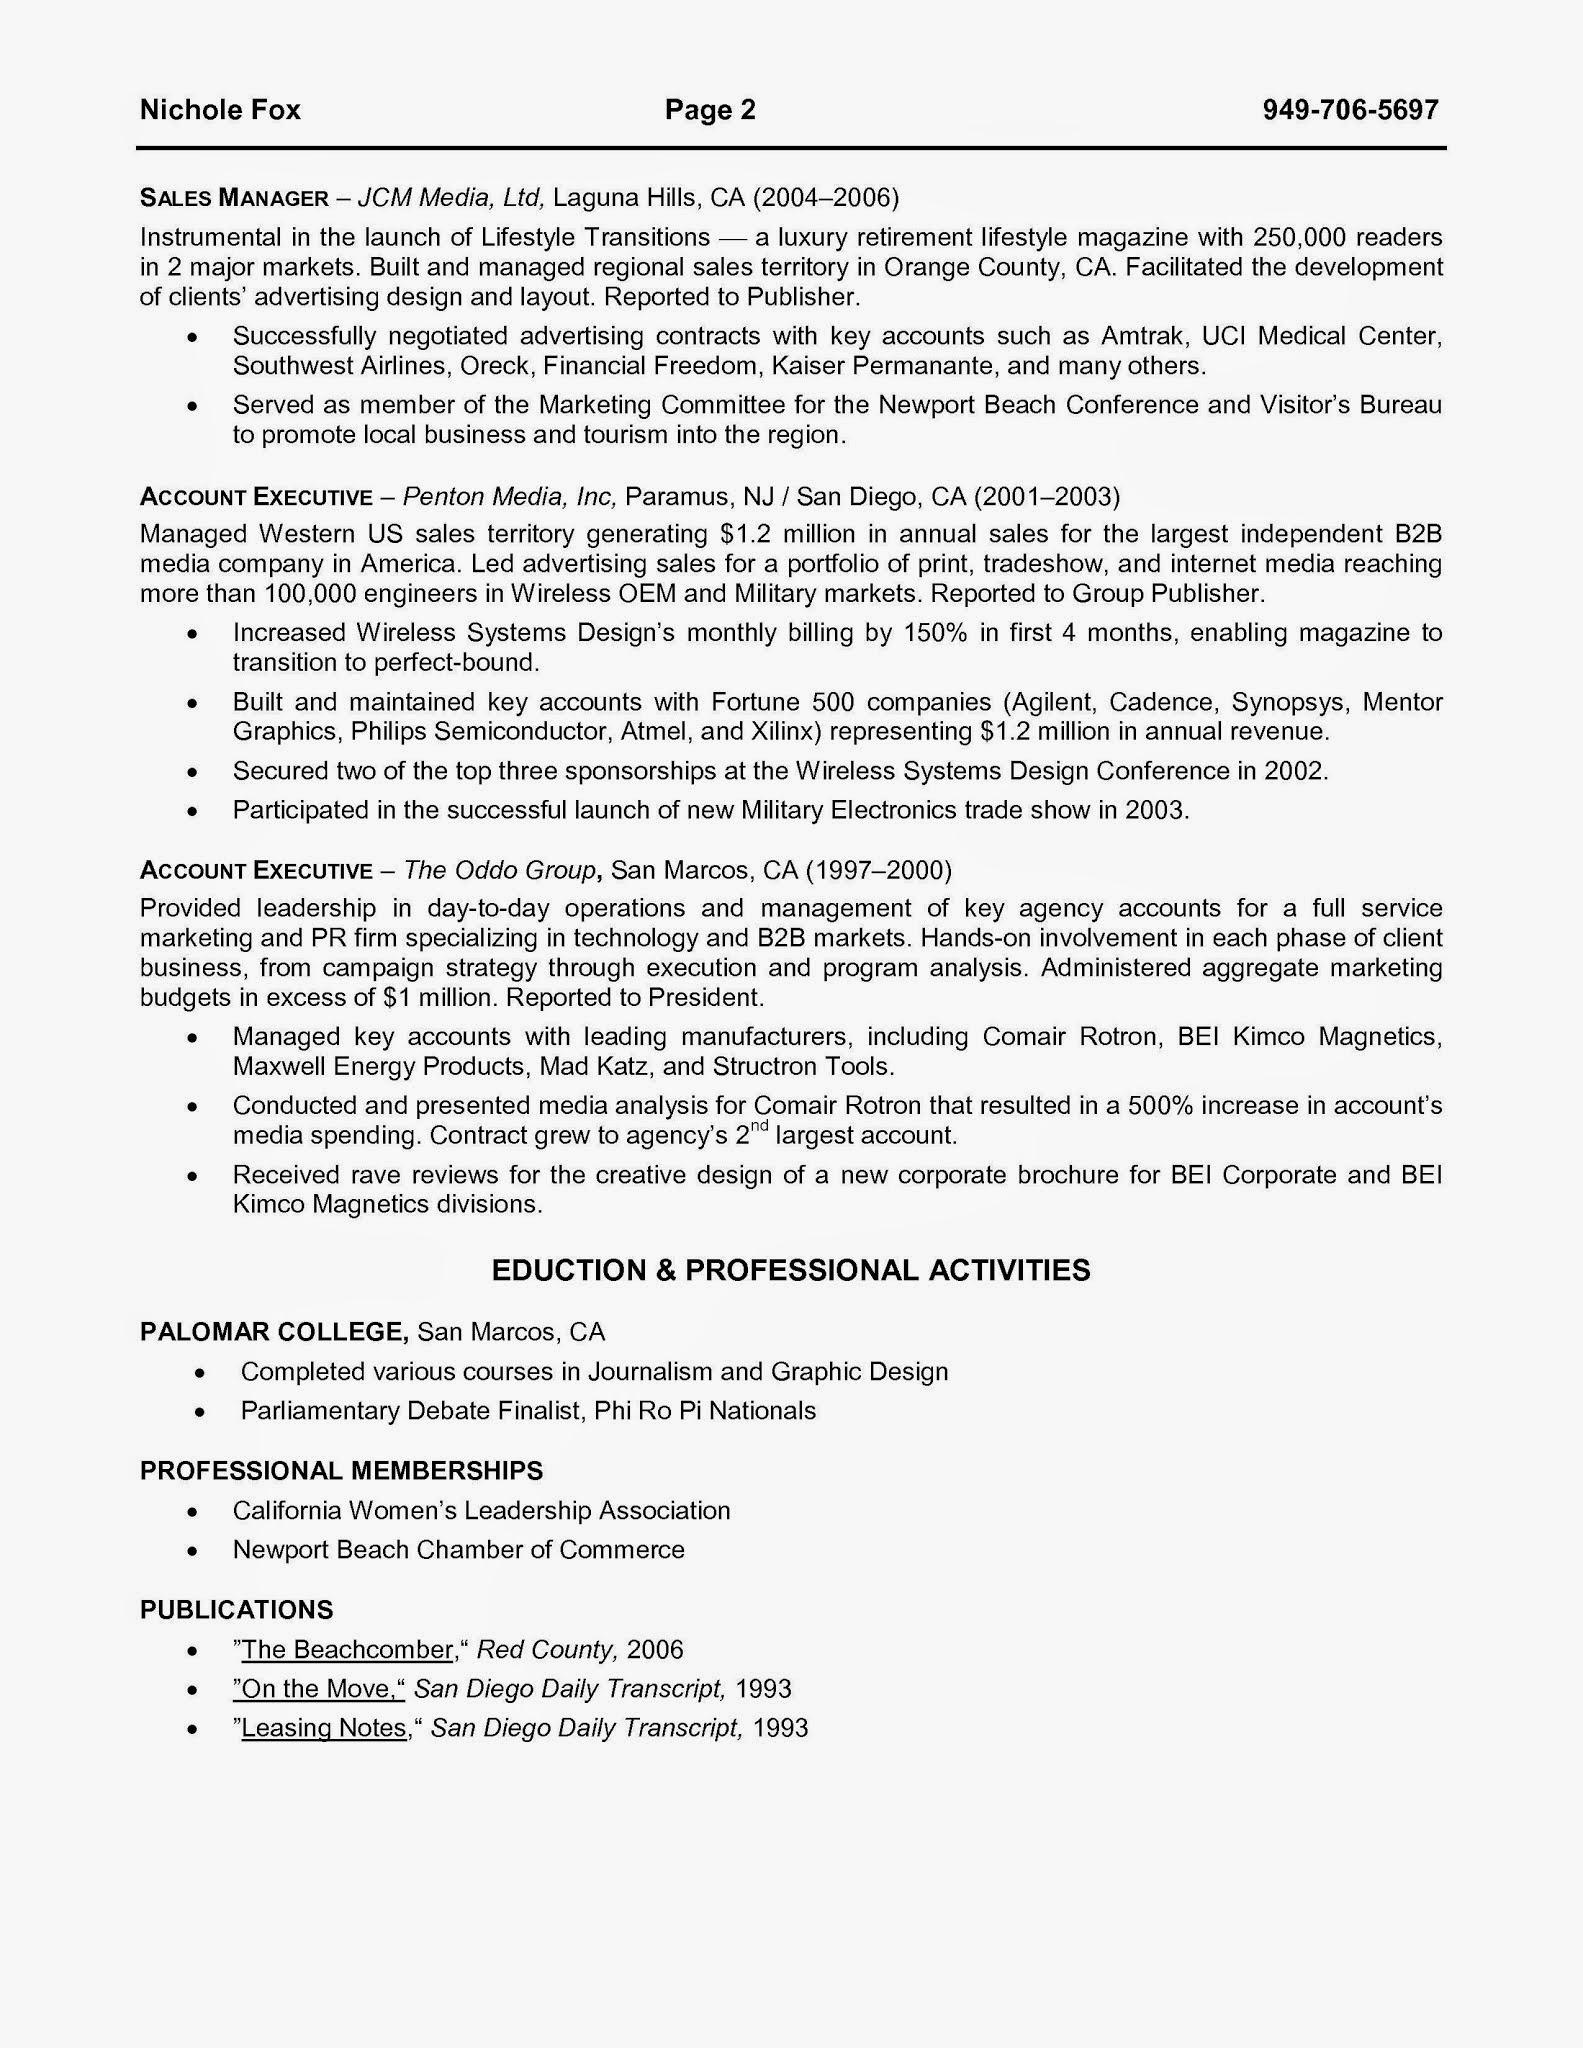 payroll clerk cover letter resume cv cover letter